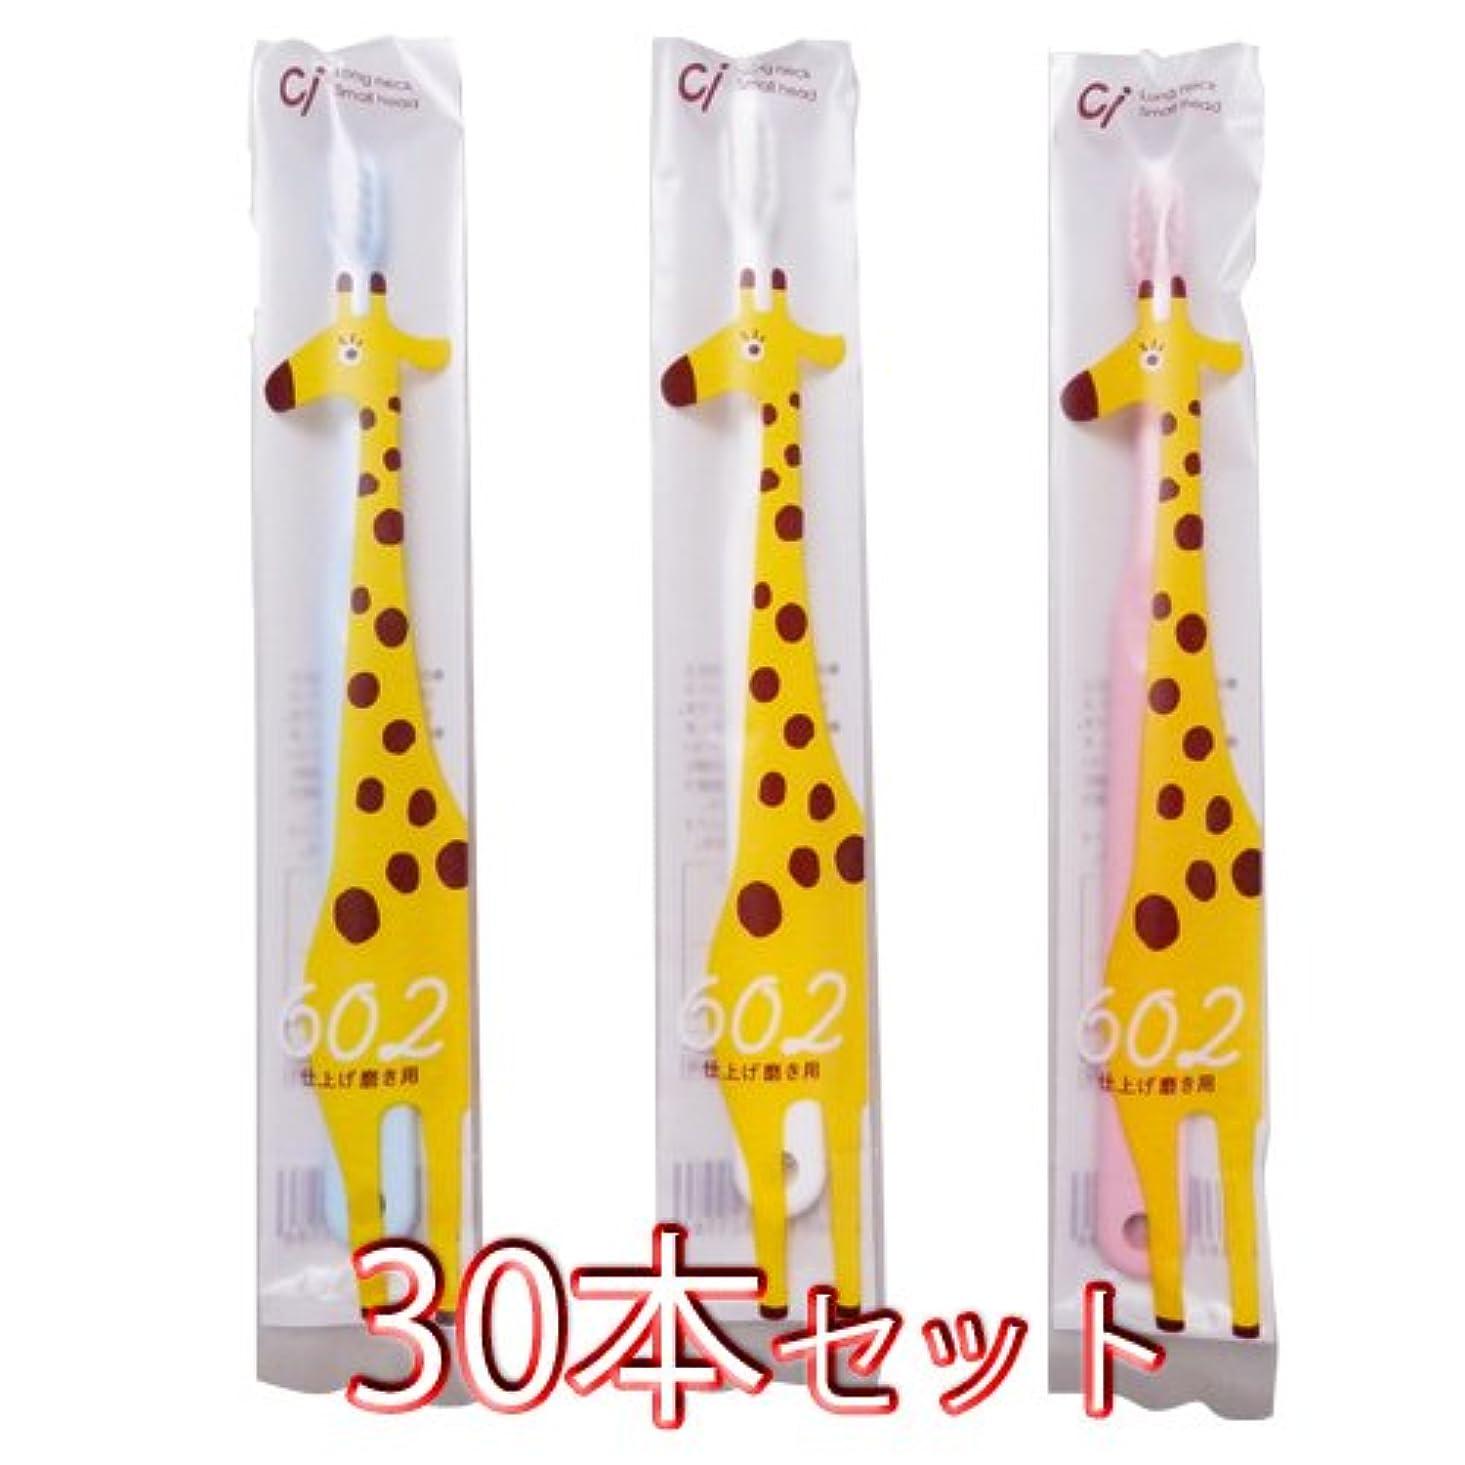 リーク画面ベスビオ山Ciメディカル 歯ブラシ Ci602 仕上げ磨き用 30本入